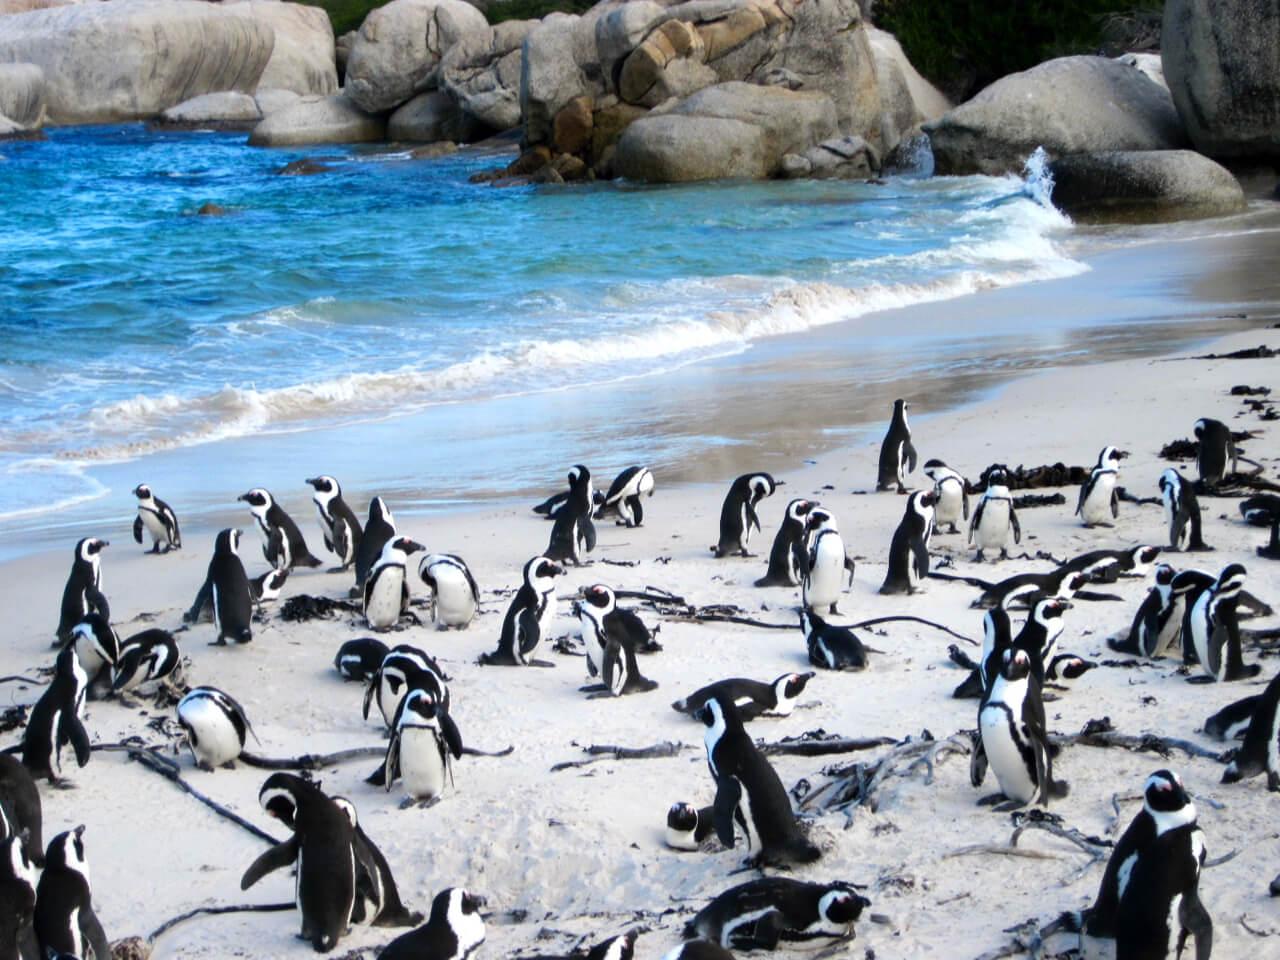 Cape Town - Bush Marine Tours